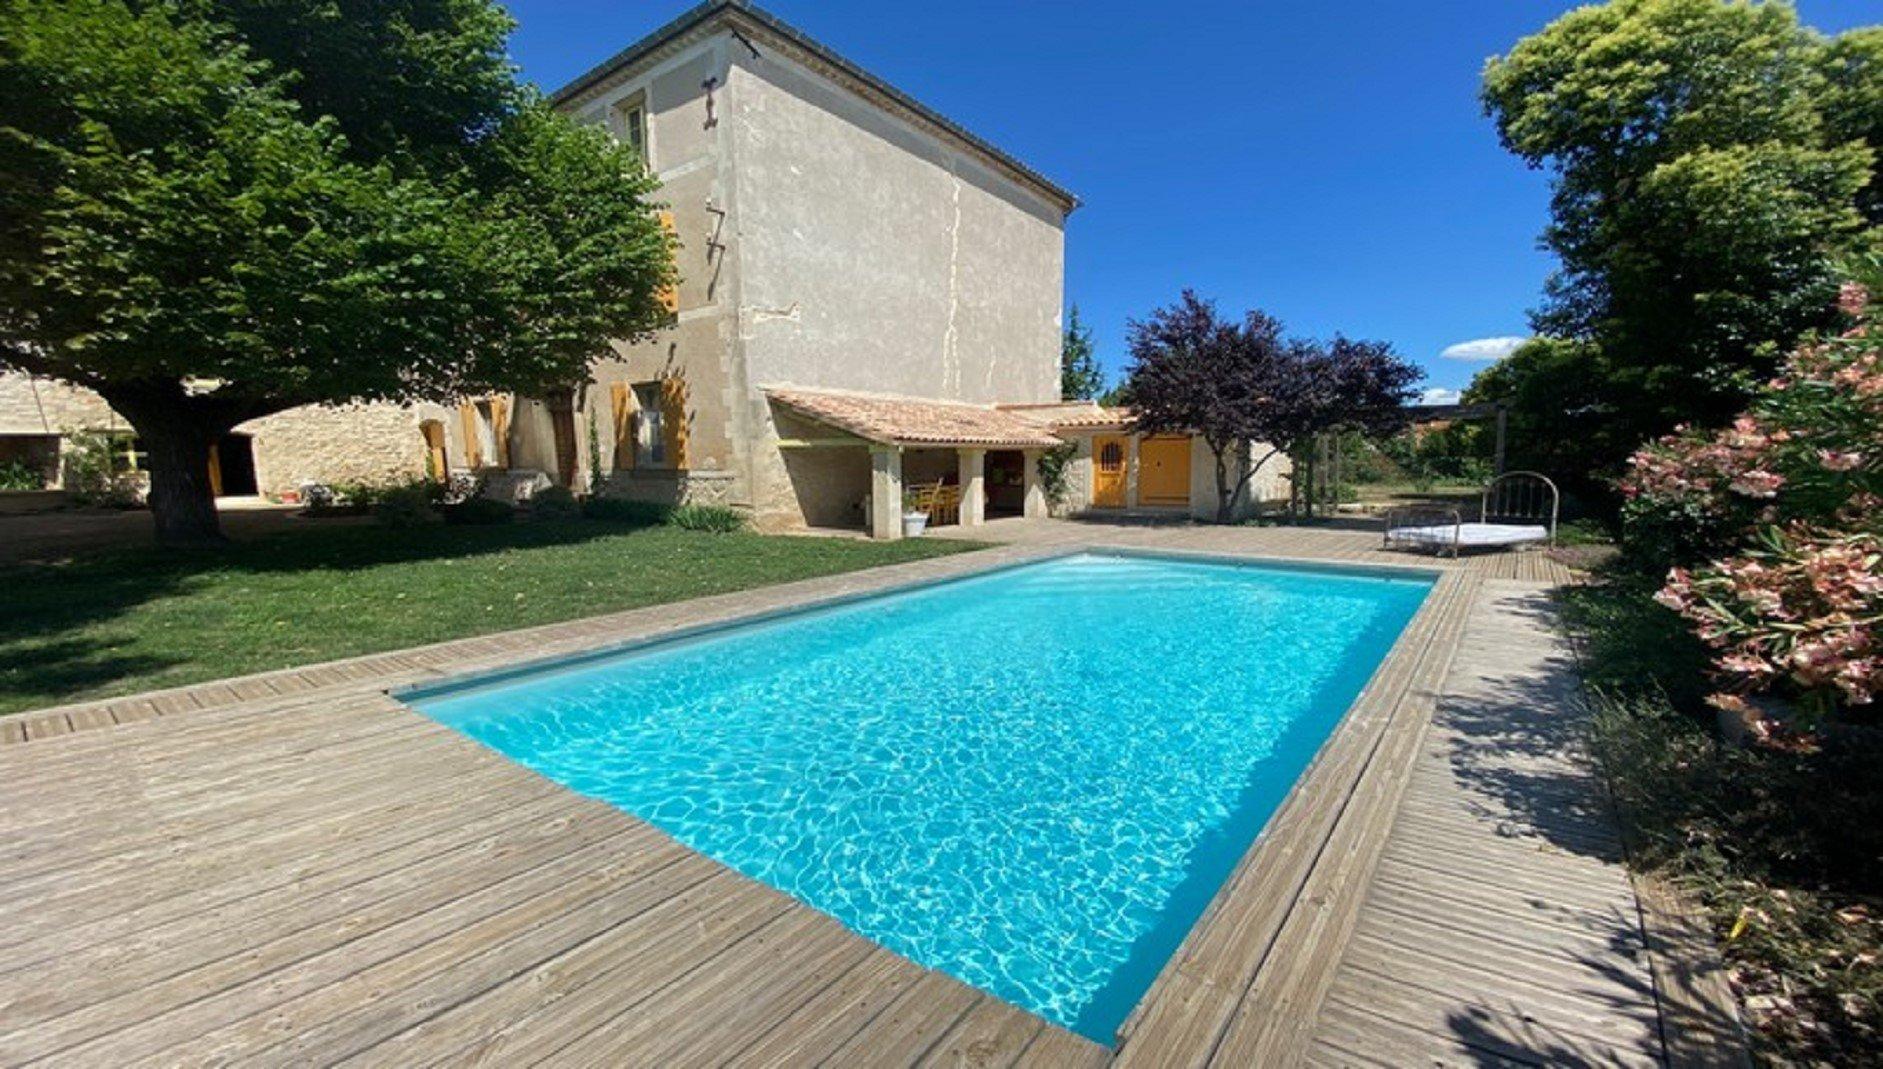 Herrskapshus med pool och stor trâgârd